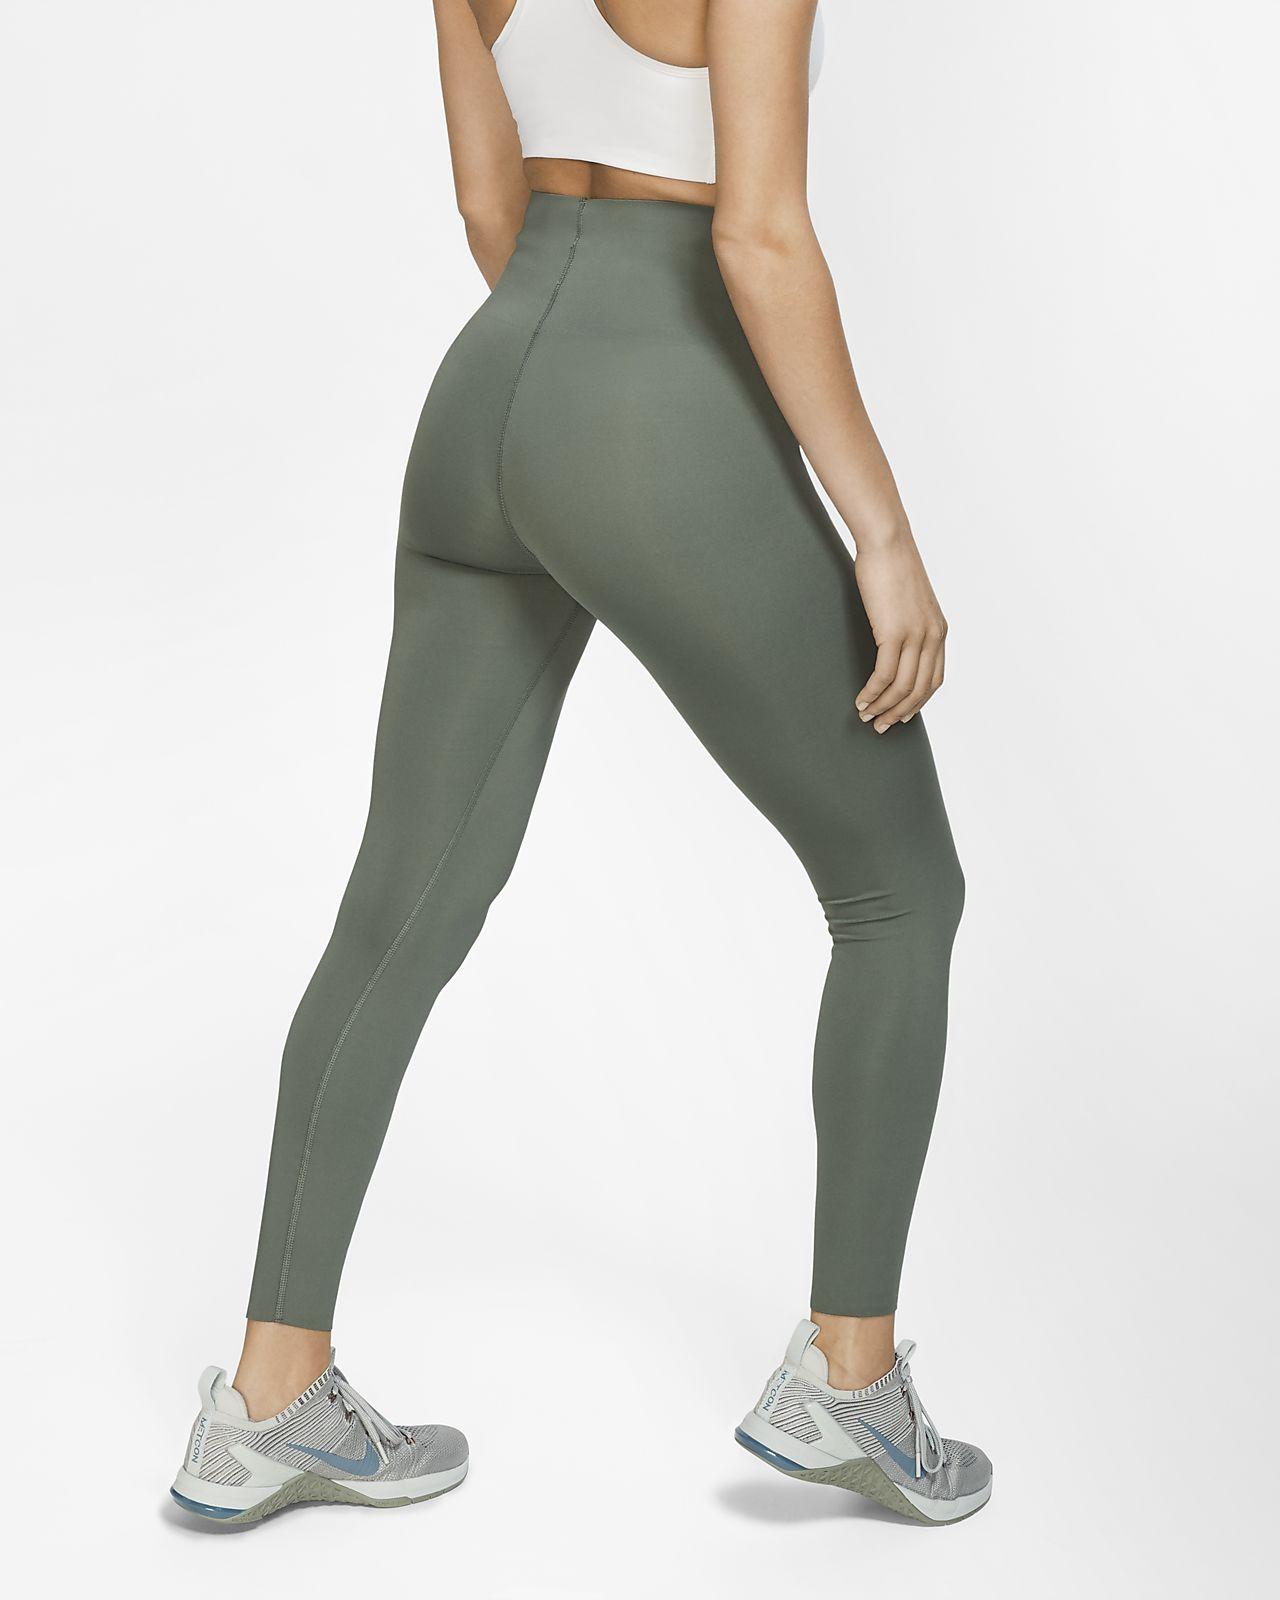 98136c2504b409 Nike Sculpt Lux Women's 7/8 Tights. Nike.com GB